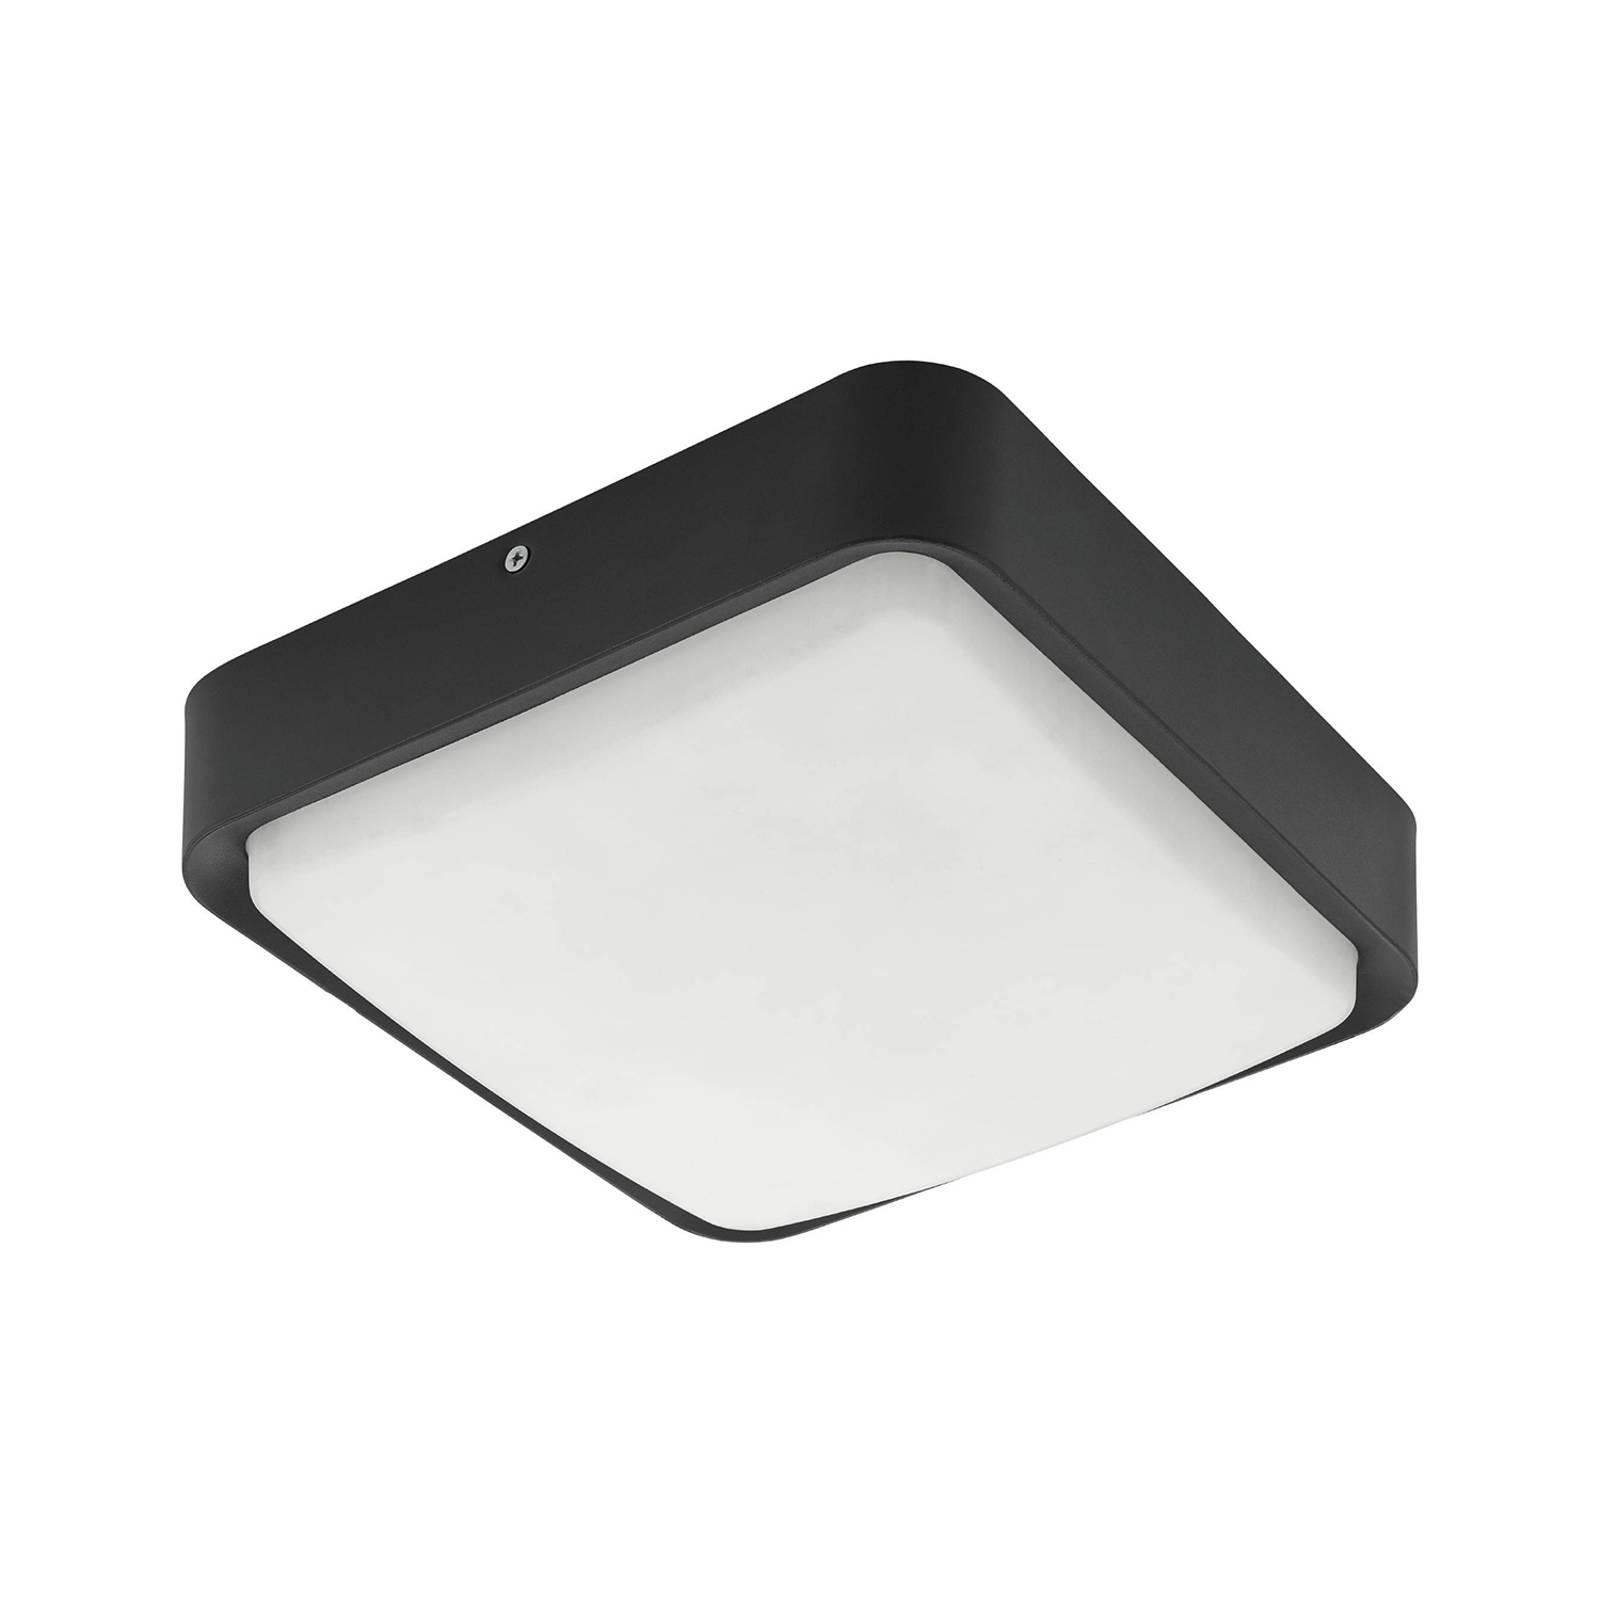 EGLO connect Piove-C LED-Außenwandleuchte